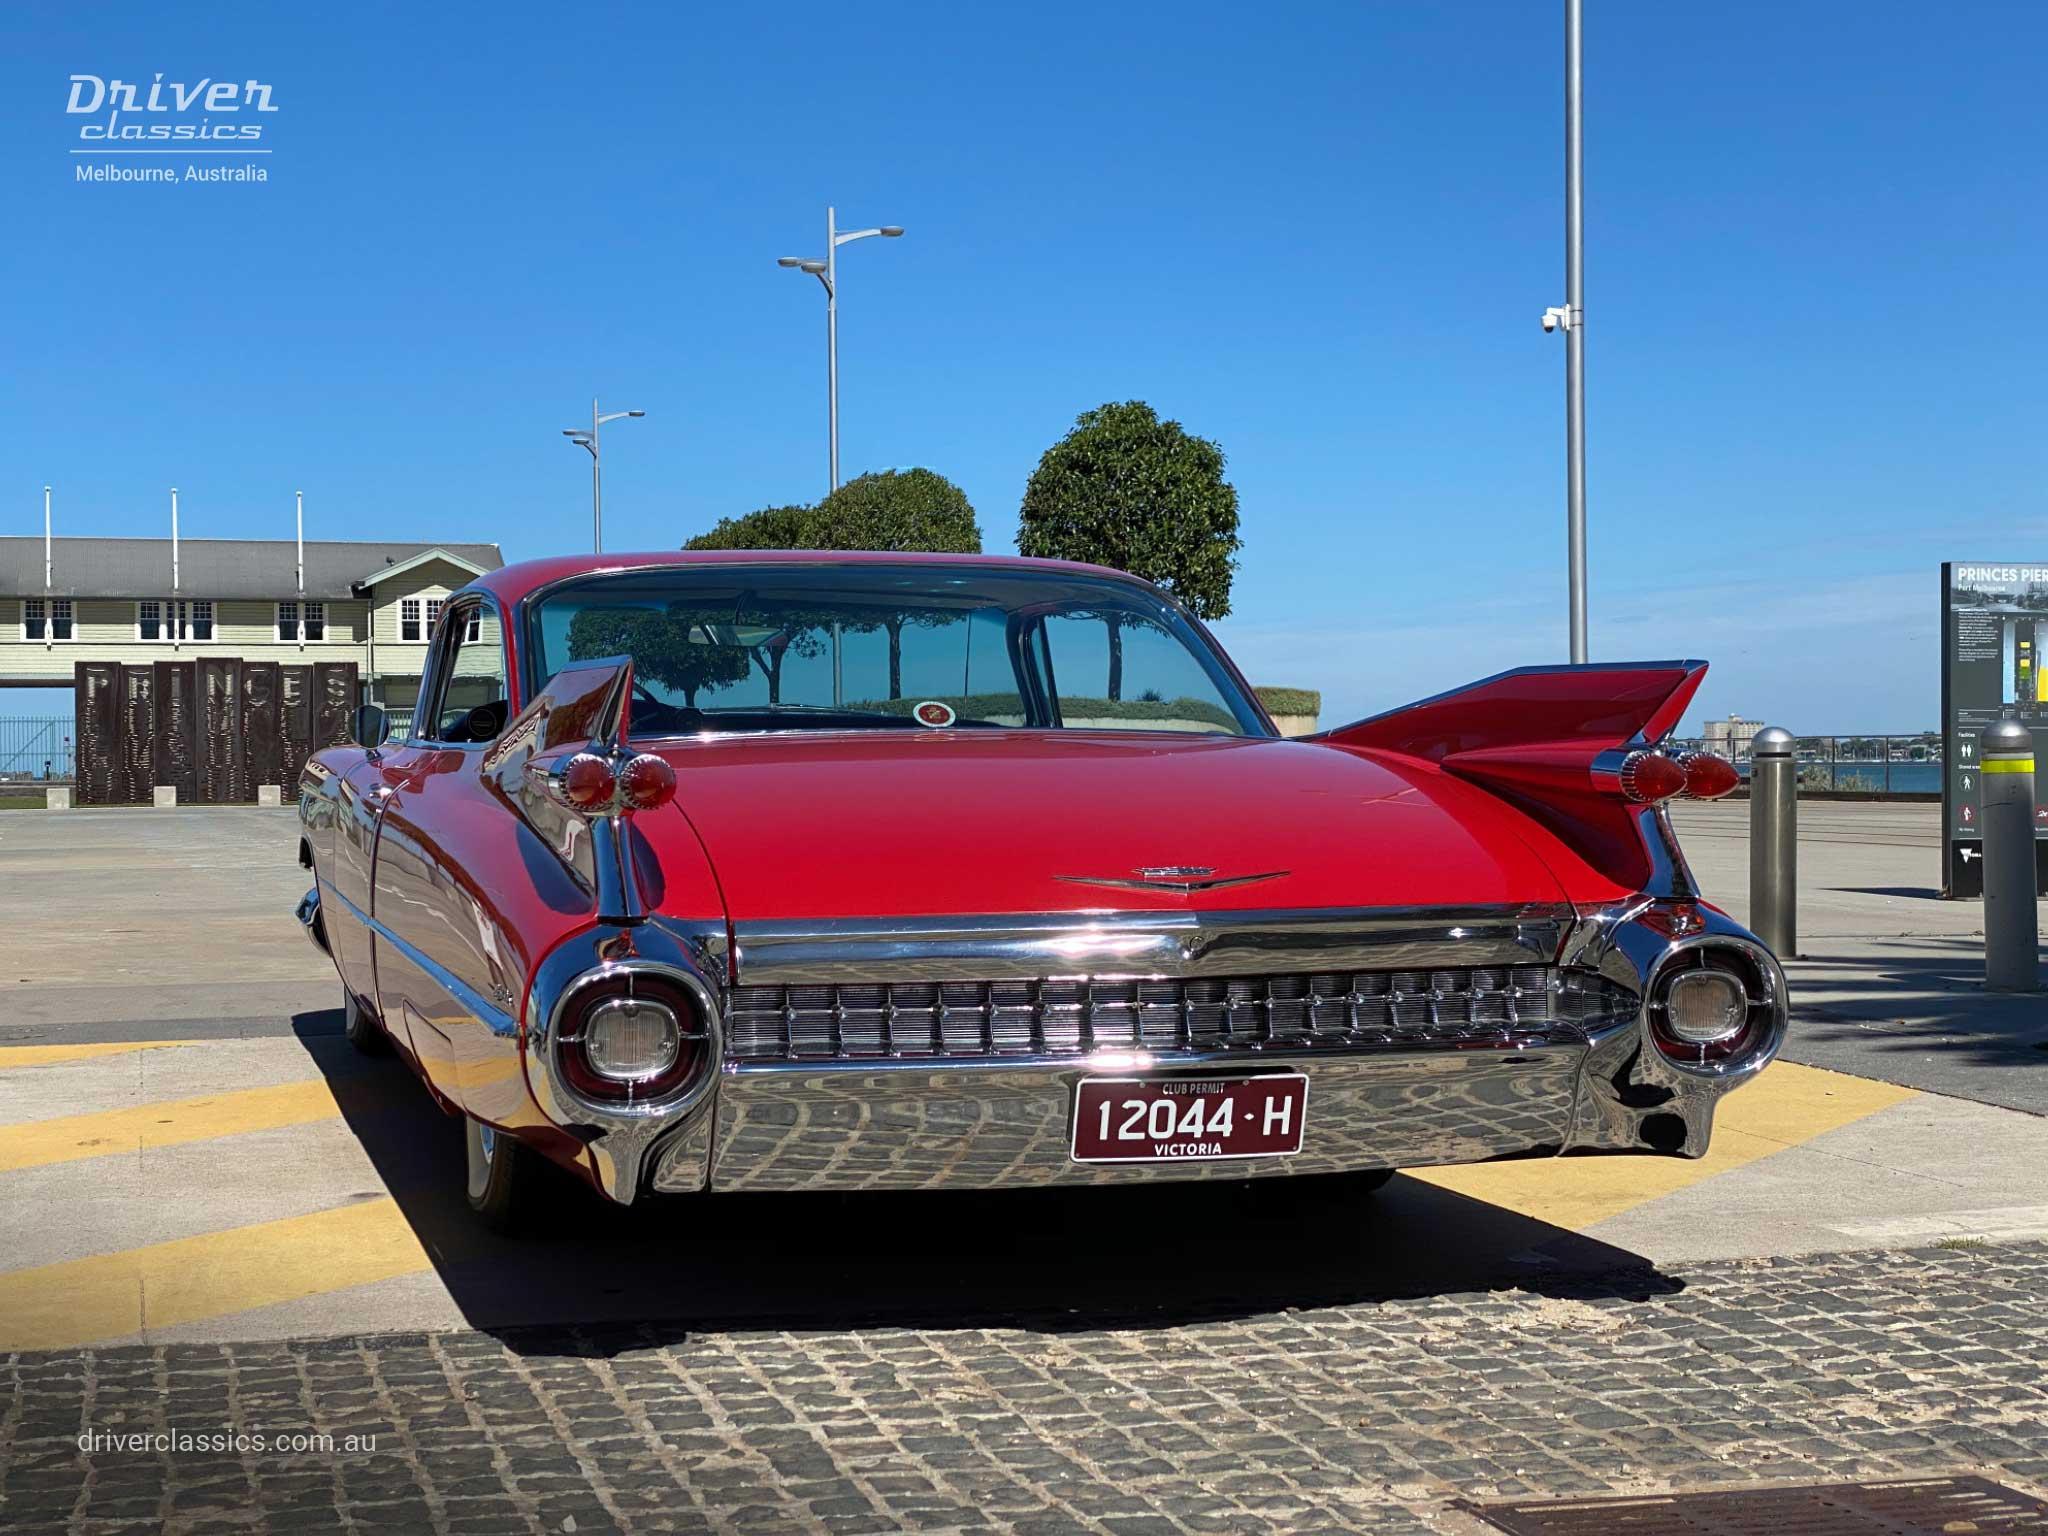 Cadillac Coupe de Ville (1959 version), rear, Port Melbourne Pier. Photo taken Mar 2020